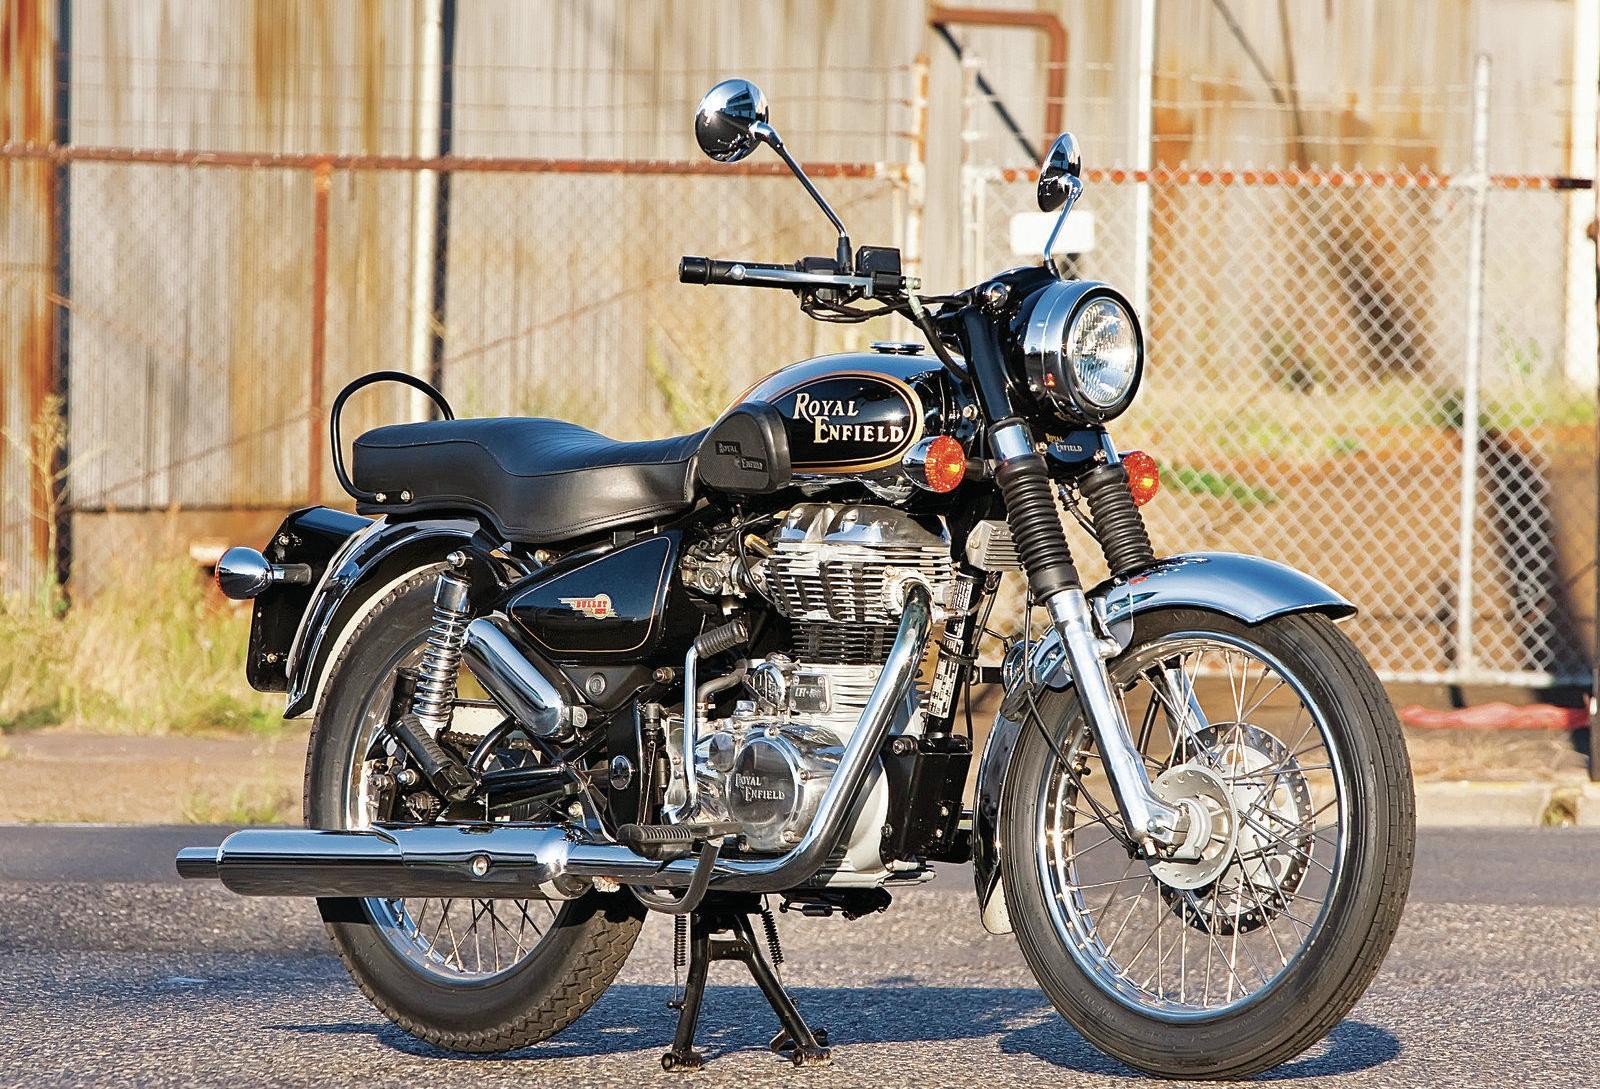 Notez le kick, qui permet de démarrer la moto en toute circonstance. On aime aussi beaucoup les soufflets de protection de fourche en caoutchouc.